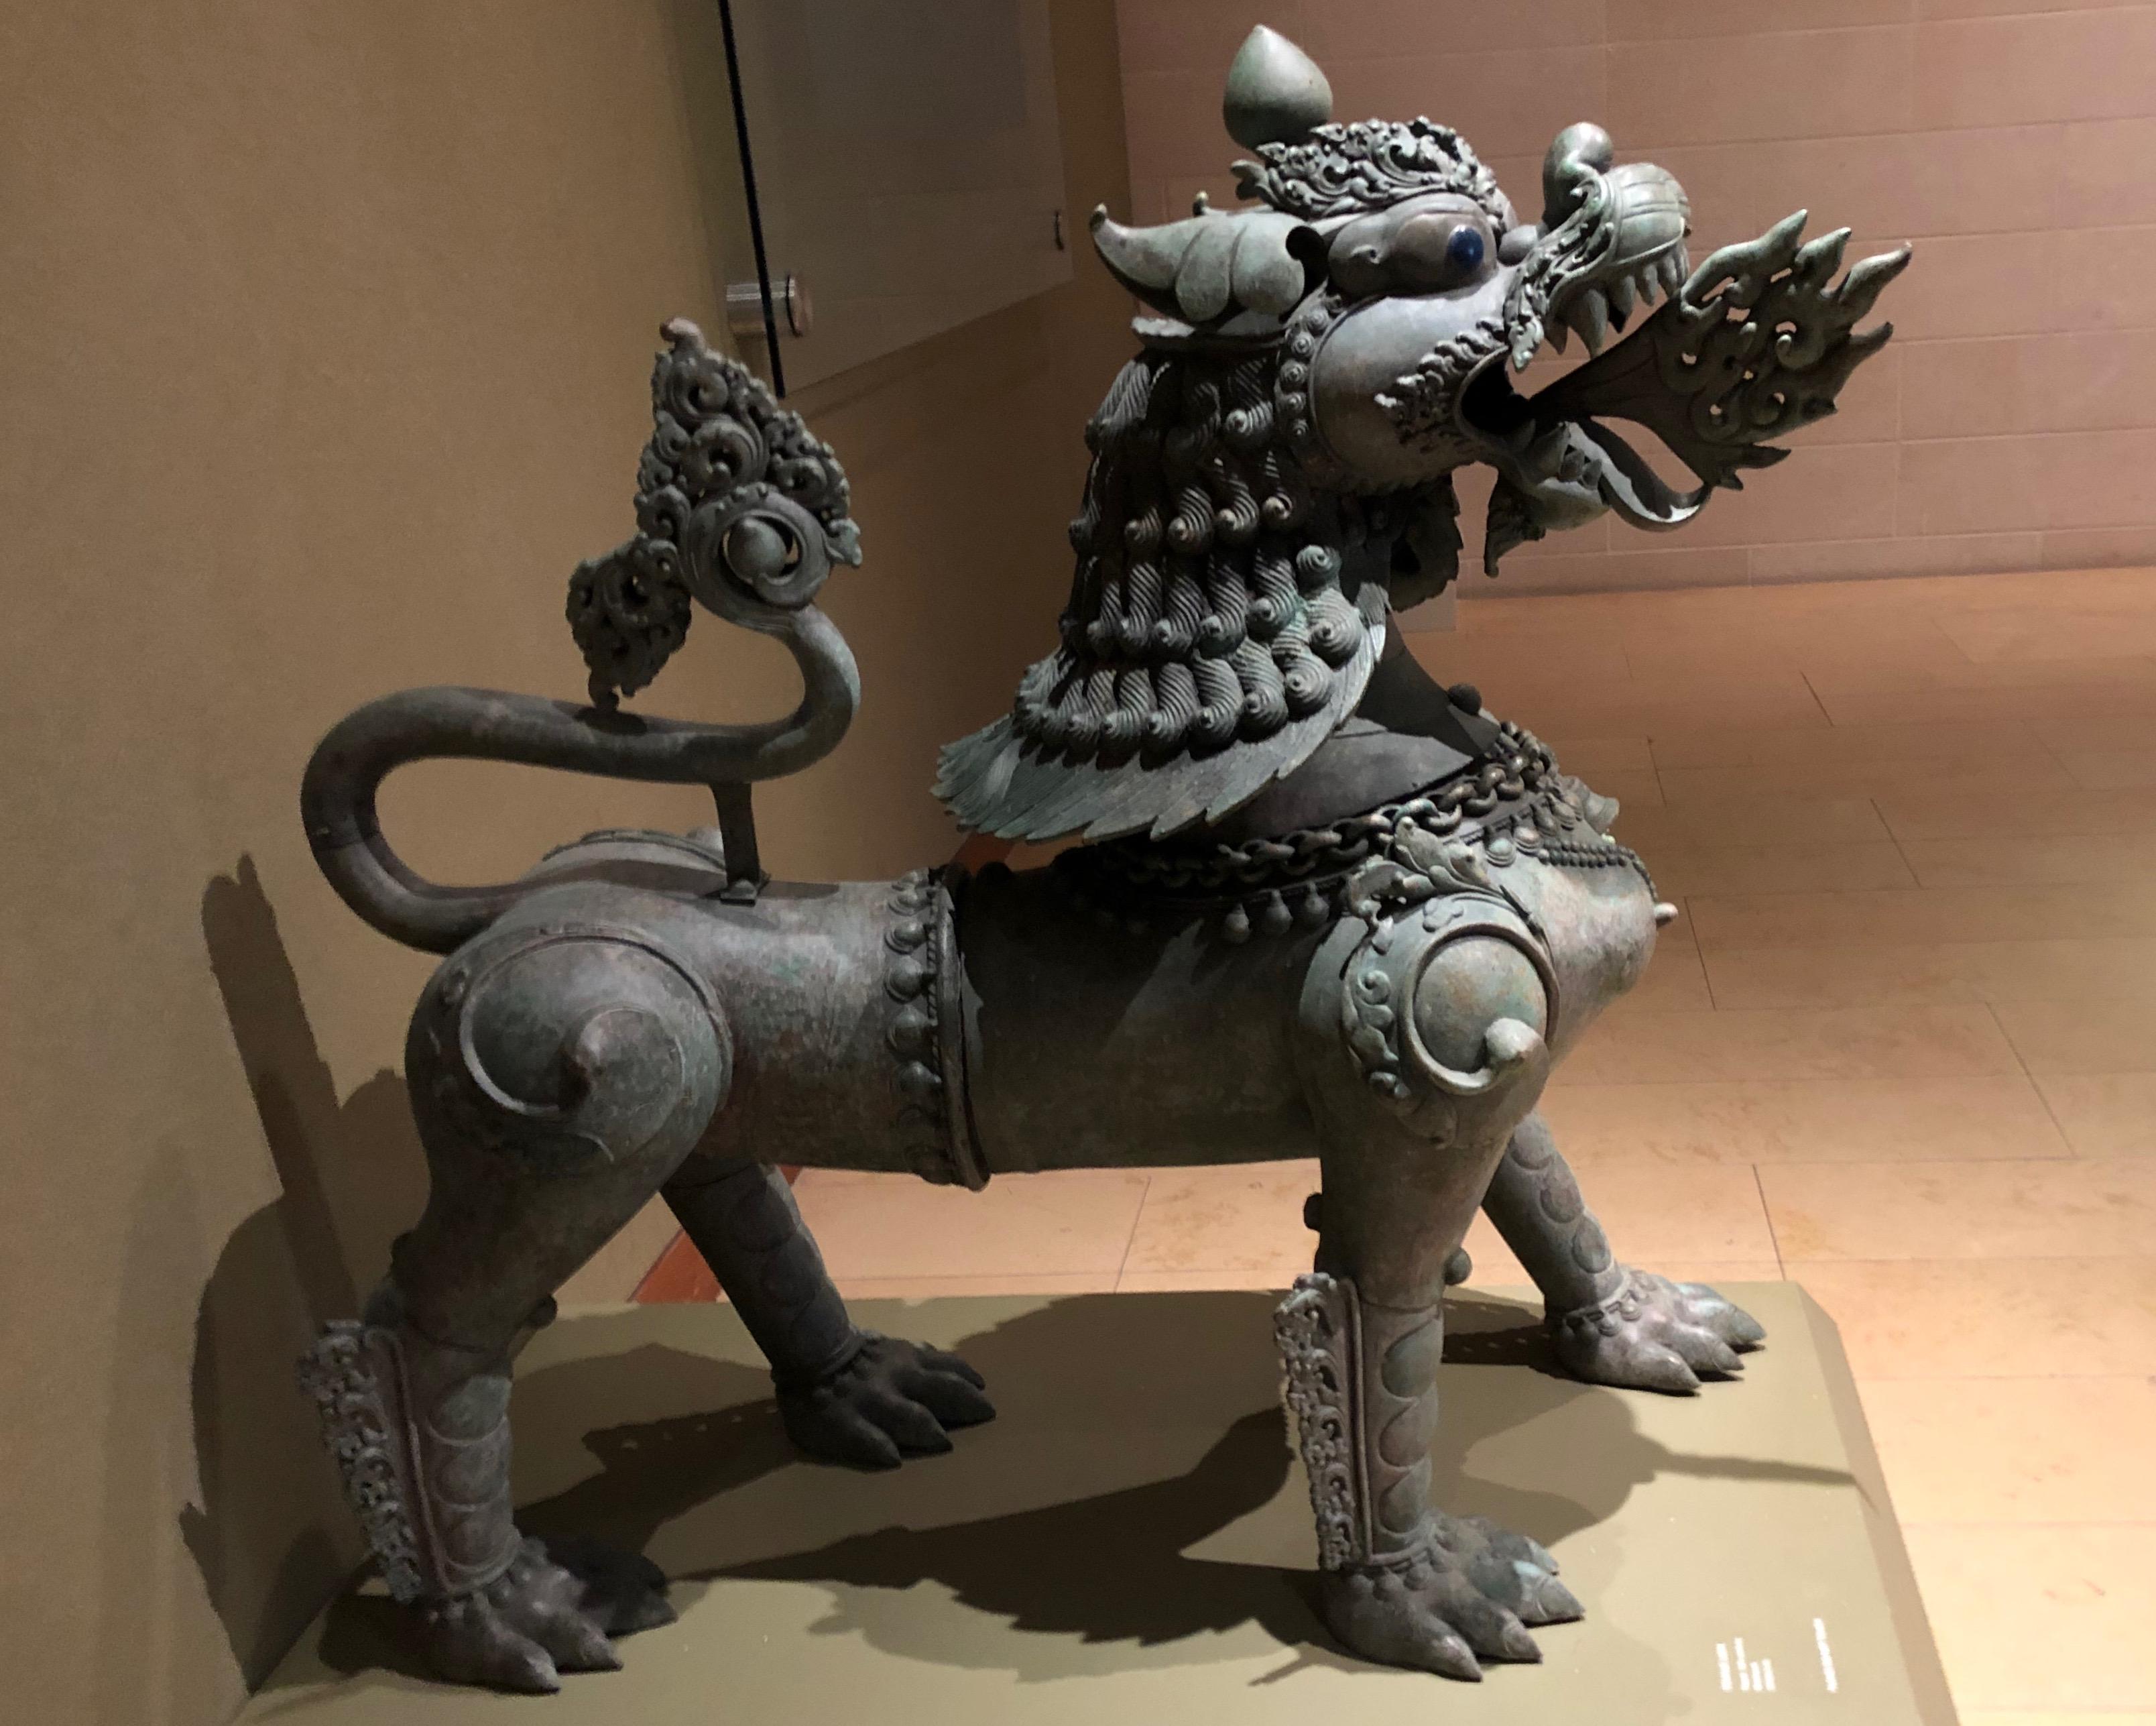 021419-fierce-lion-at-Rubin-Museum